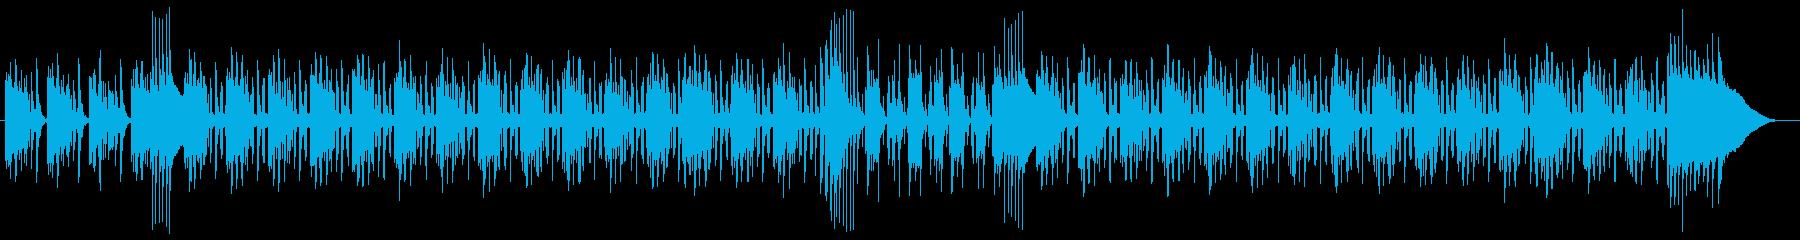 スモーキーな低音ギターの響くダブの曲の再生済みの波形